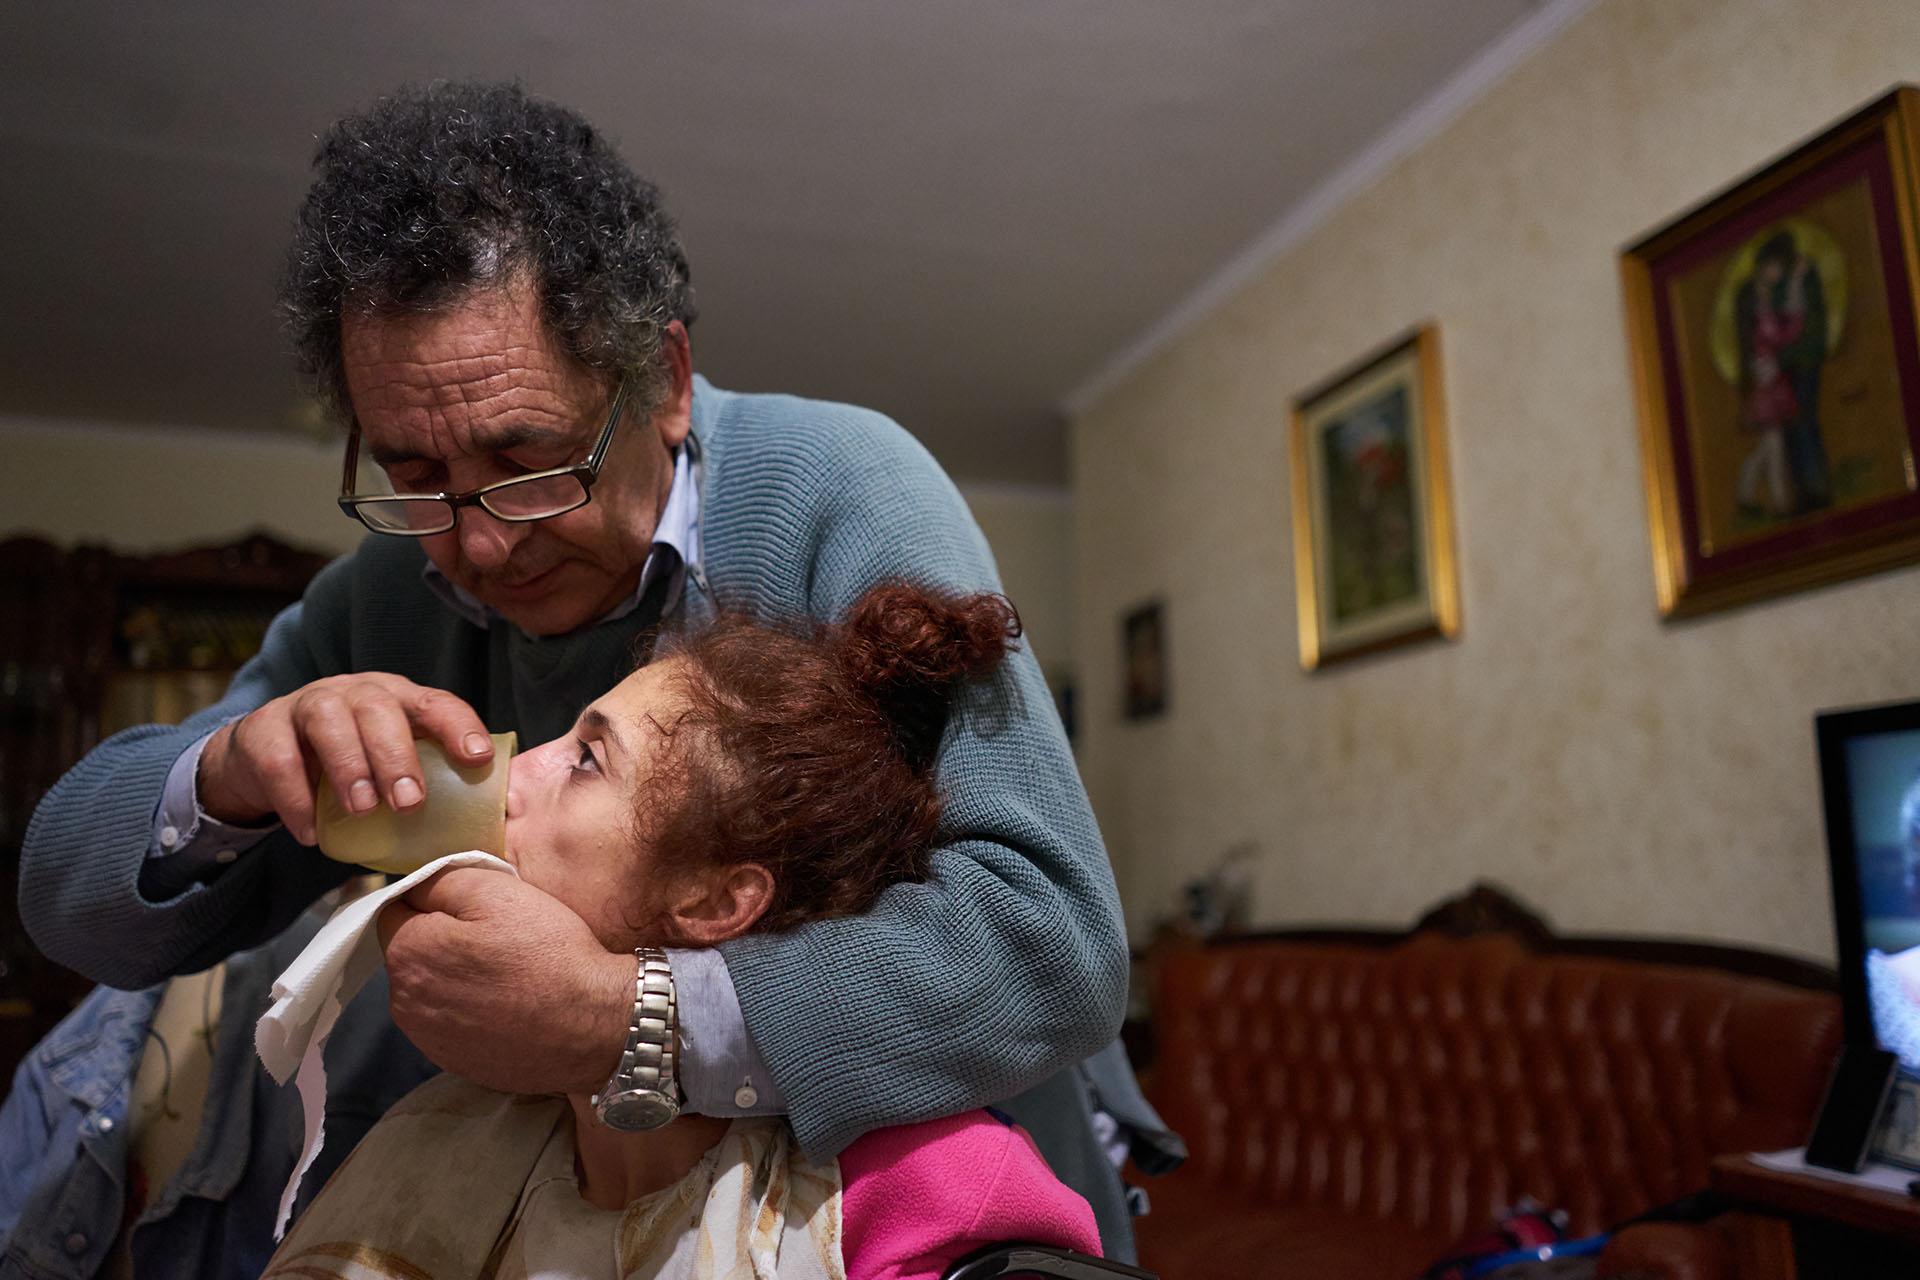 Letizia-Story-of-unseen-lives_ph_Danilo Garcia Di Meo_20